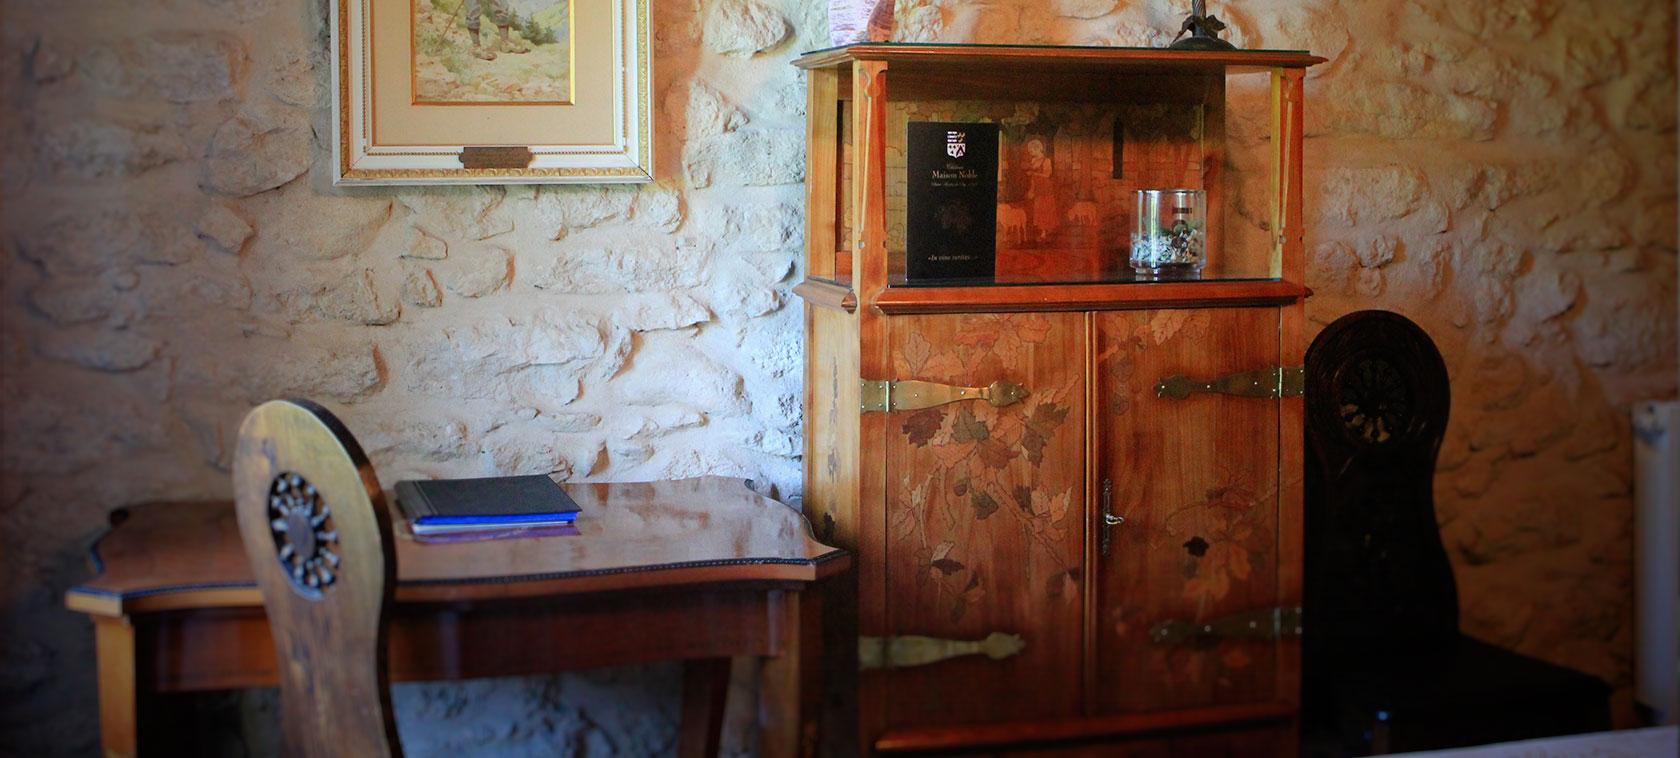 Riesling room